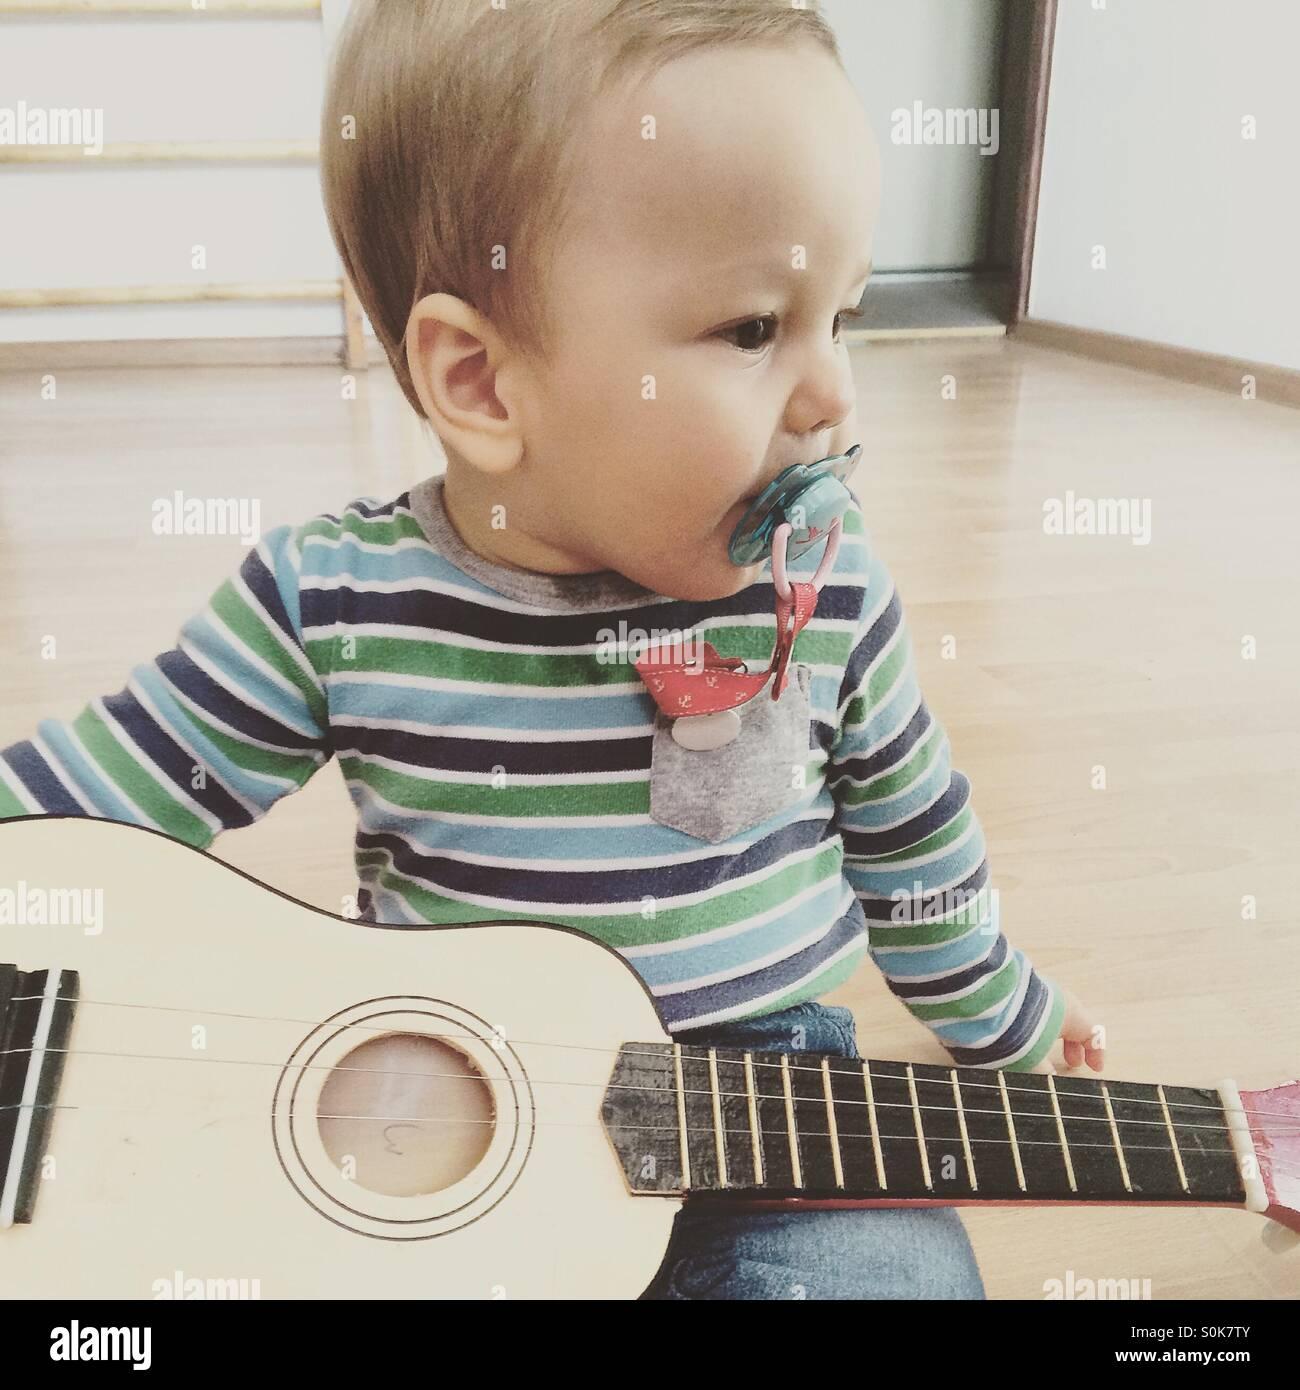 Baby Junge Gitarre spielen, Blick auf die Seite, sitzend auf einem Holzfußboden in einem leeren Raum mit einem Stockbild